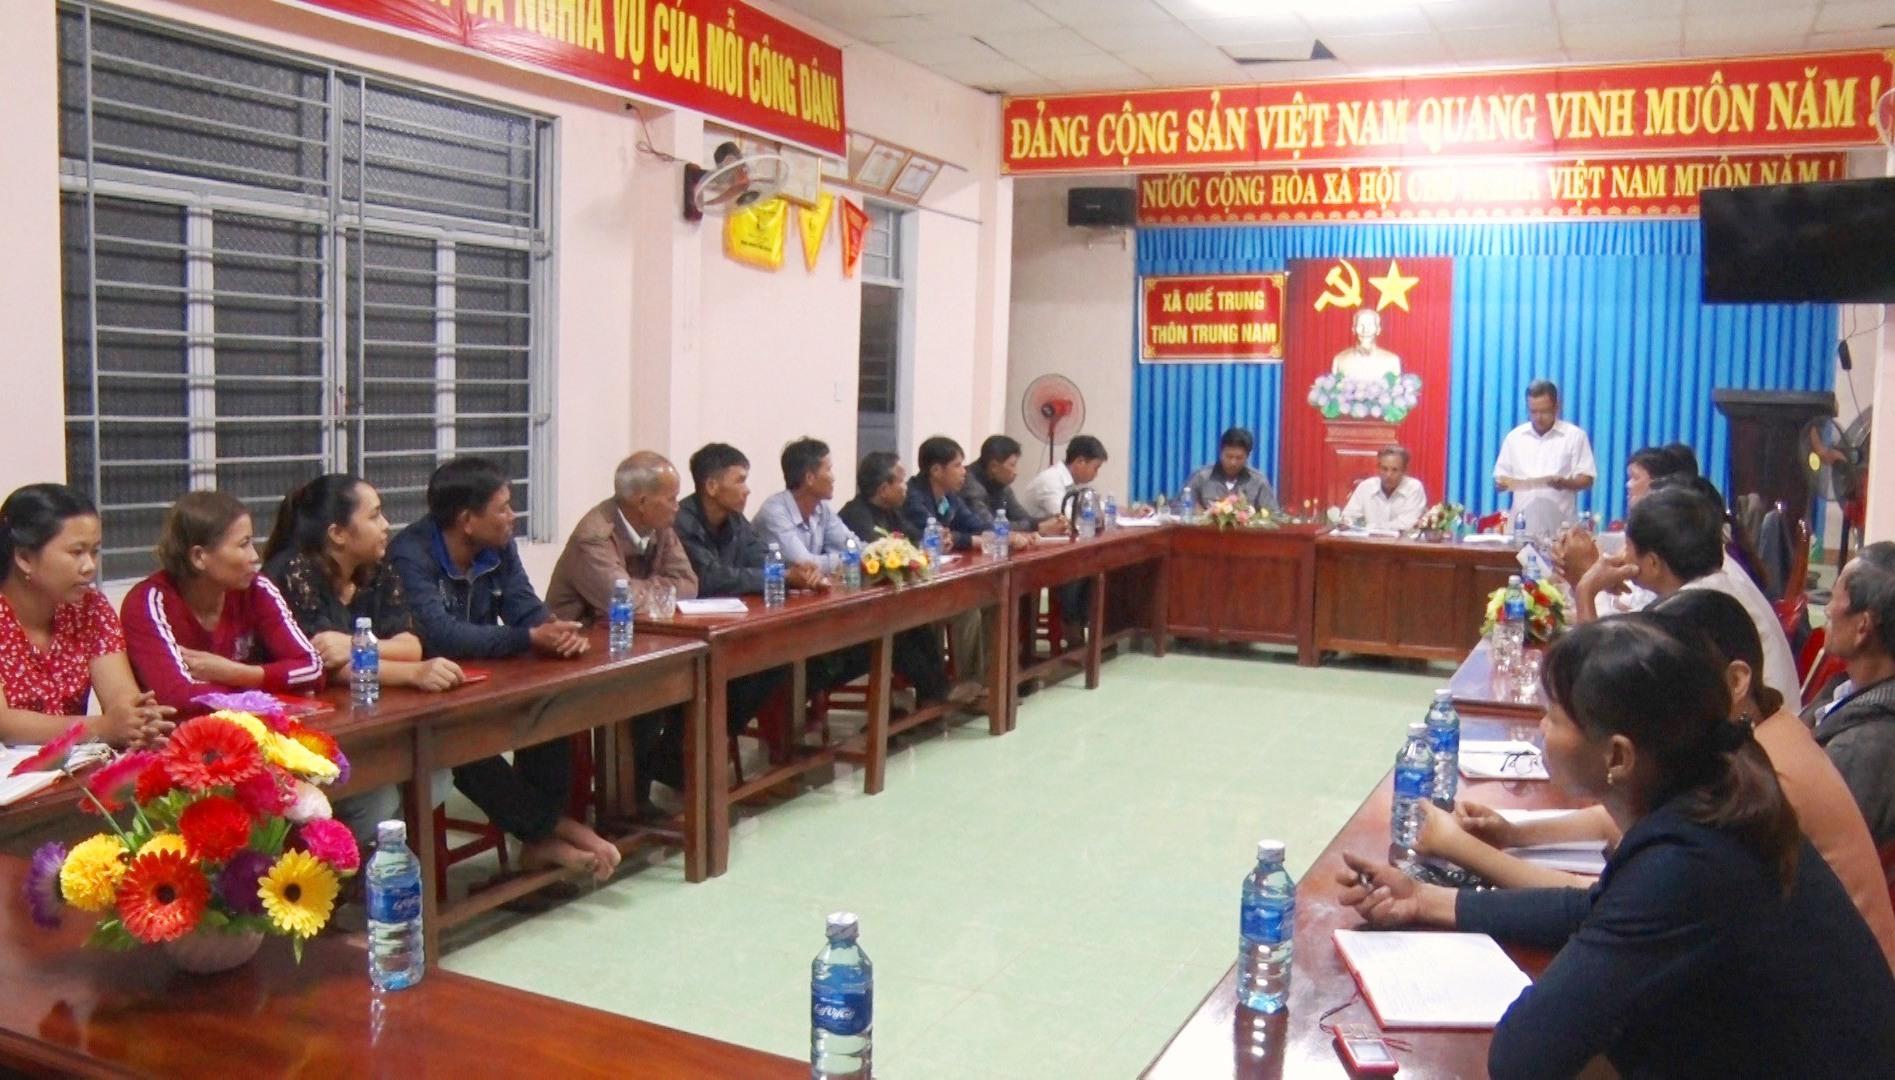 Buổi sinh hoạt định kỳ Chi bộ thôn Trung Nam (Quế Trung, Nông Sơn). Ảnh: MINH THÔNG